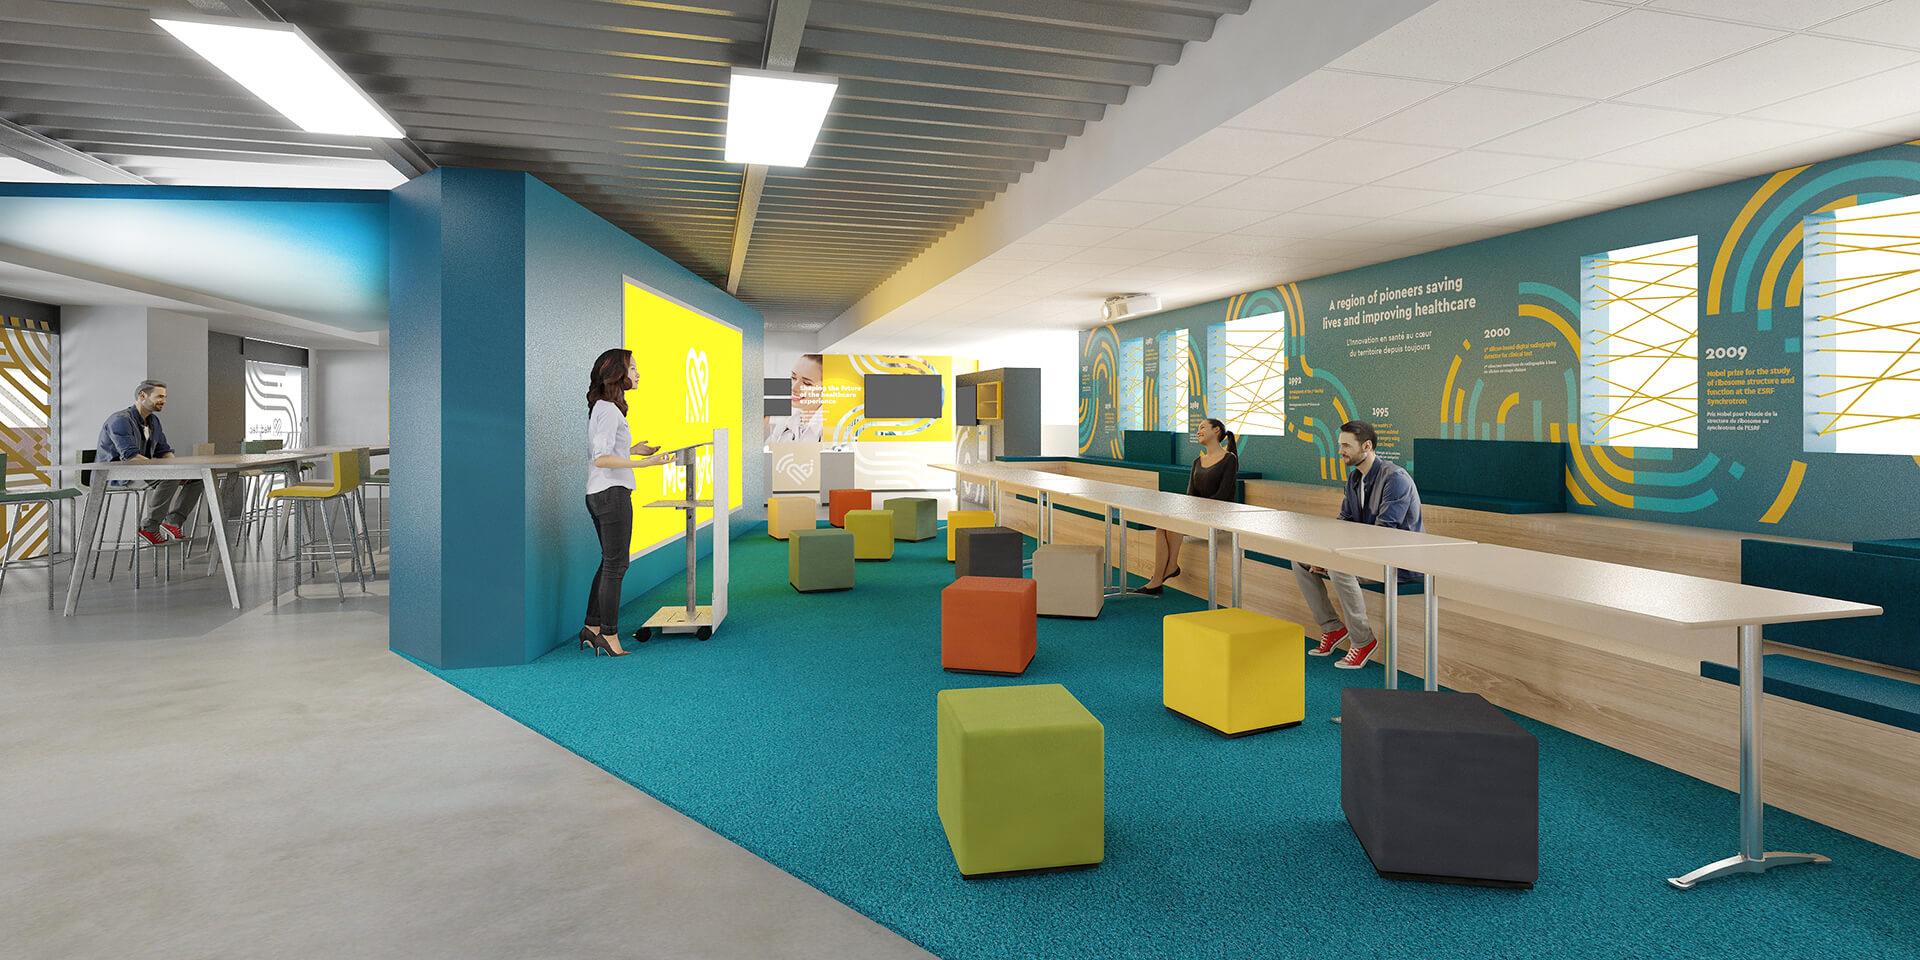 Medytec - Un espace conférence dédié aux présentations